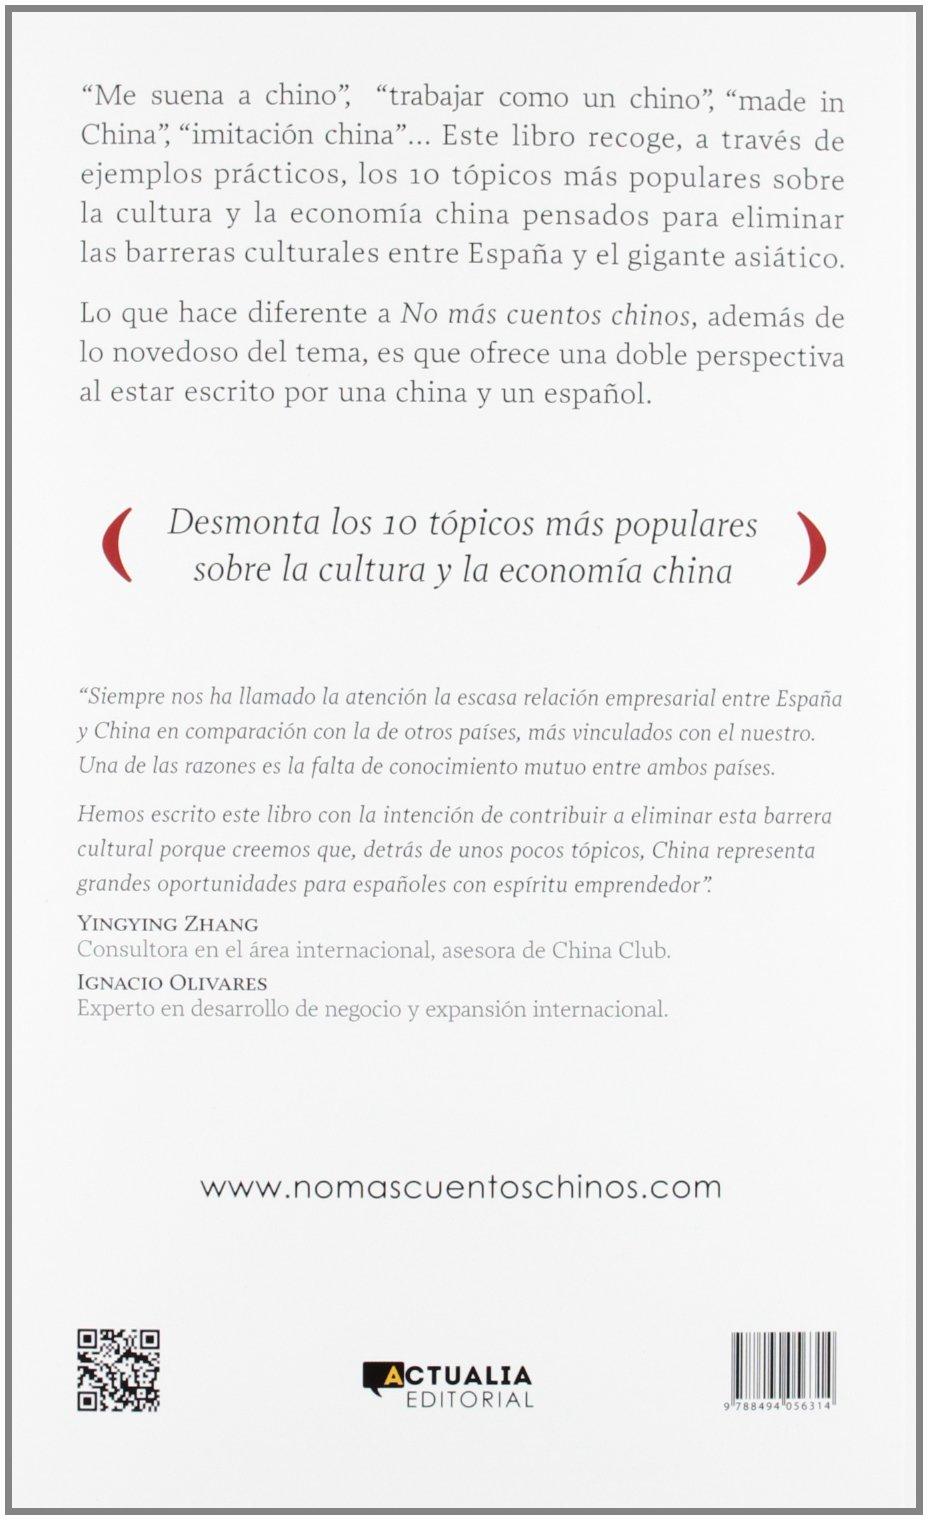 NO MÁS CUENTOS CHINOS: SOBRE CHINA HAY MUCHOS TÓPICOS QUE PUEDEN CONFUNDIRTE, INCLUSO EN LOS NEGOCIOS. LOS DESMONTAMOS UNO A UNO Empresa actualia: Amazon.es: ZHANG, YINGYING, OLIVARES, IGNACIO: Libros